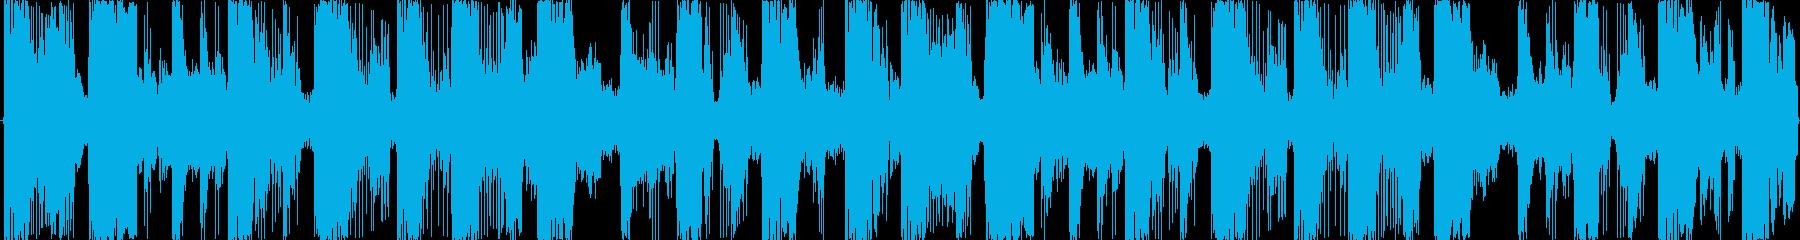 近未来 テクノジングル クールダウンの再生済みの波形